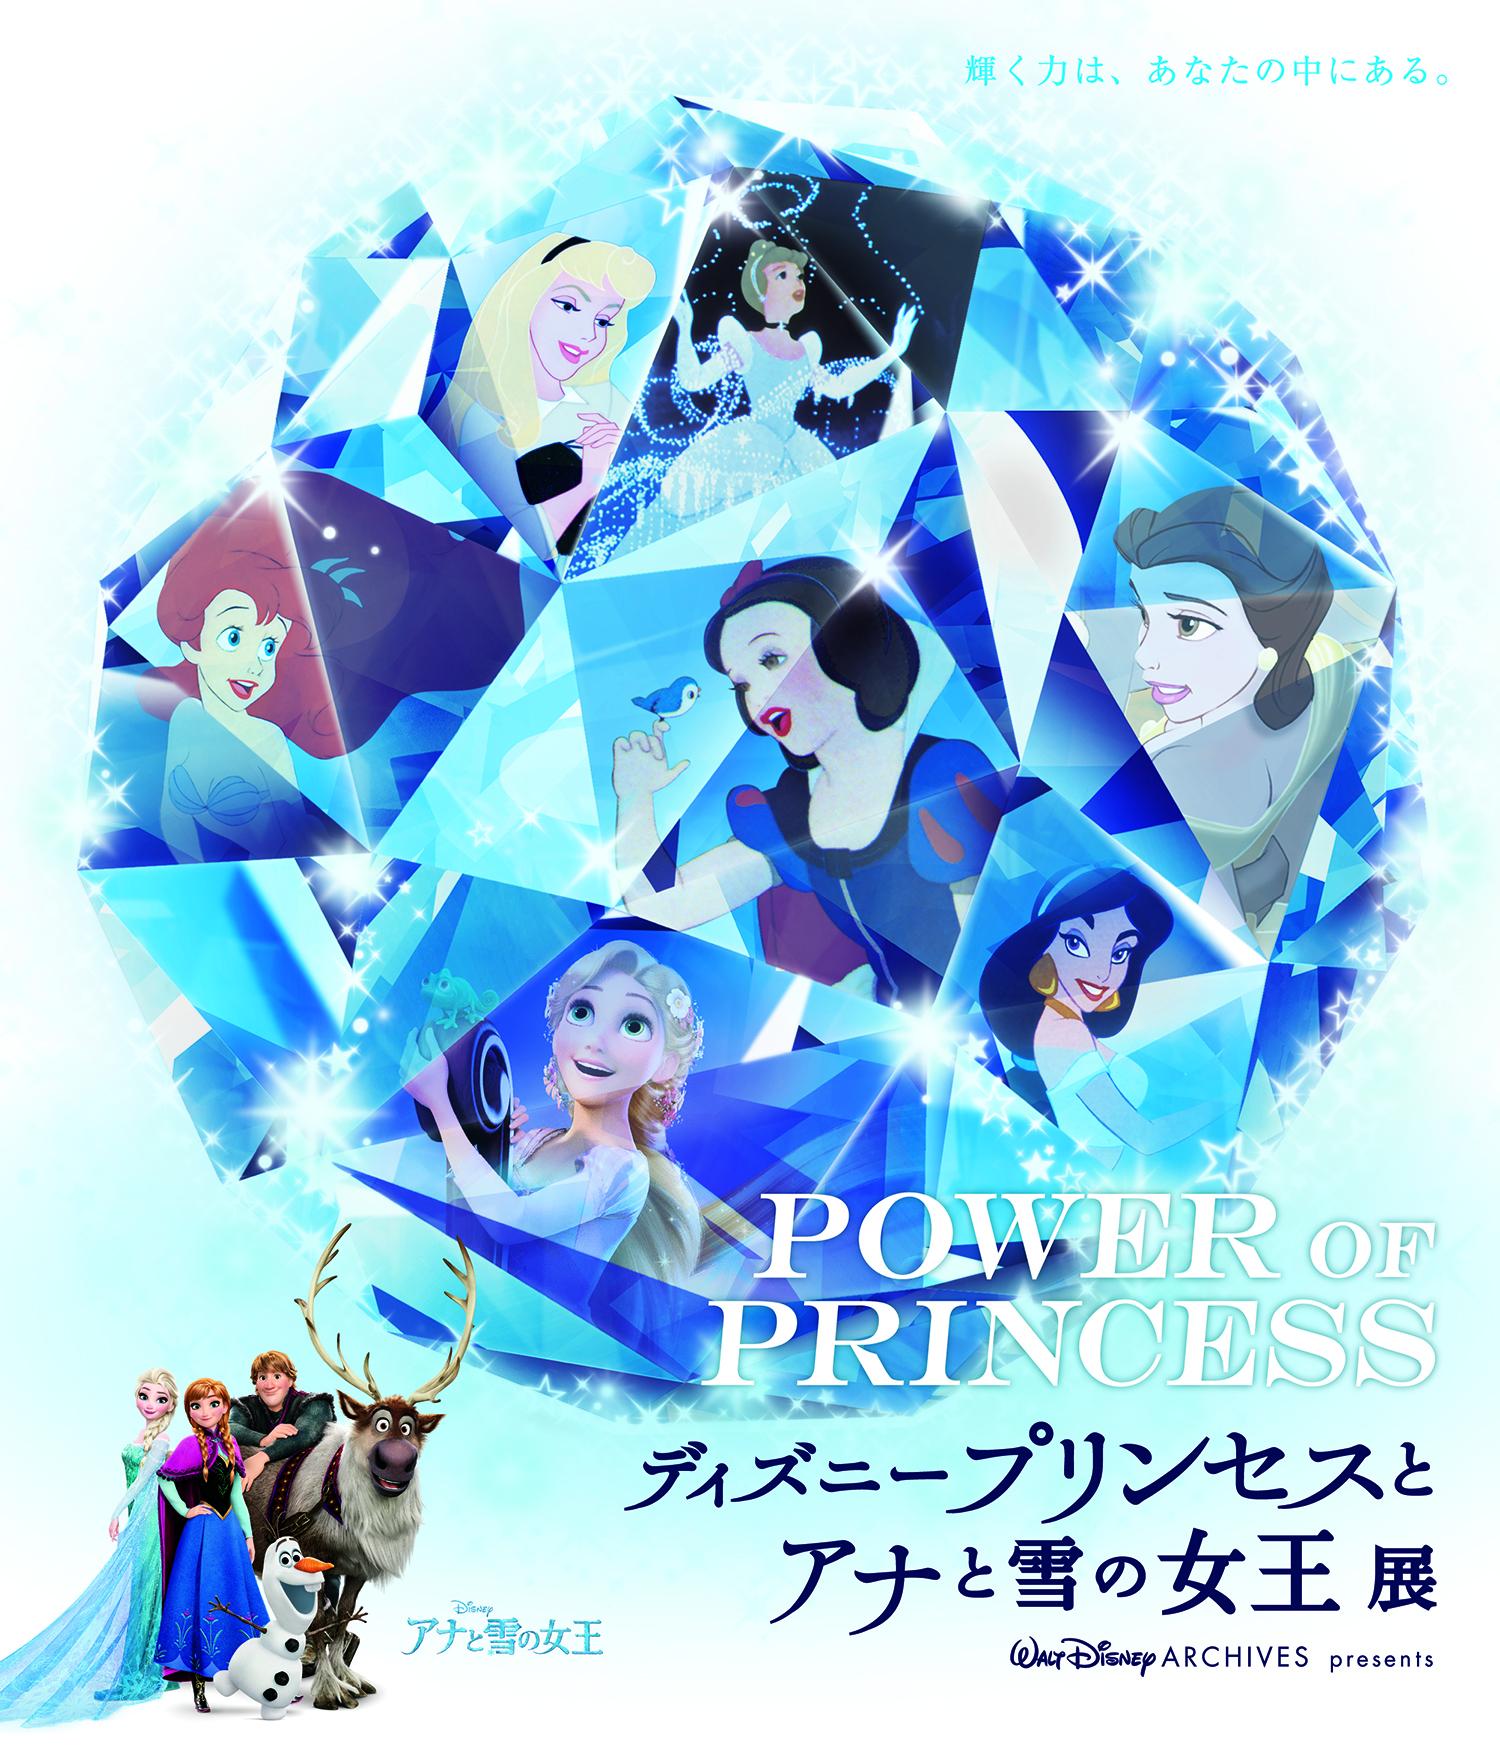 POWER OF PRINCESS ディズニープリンセスとアナと雪の女王展